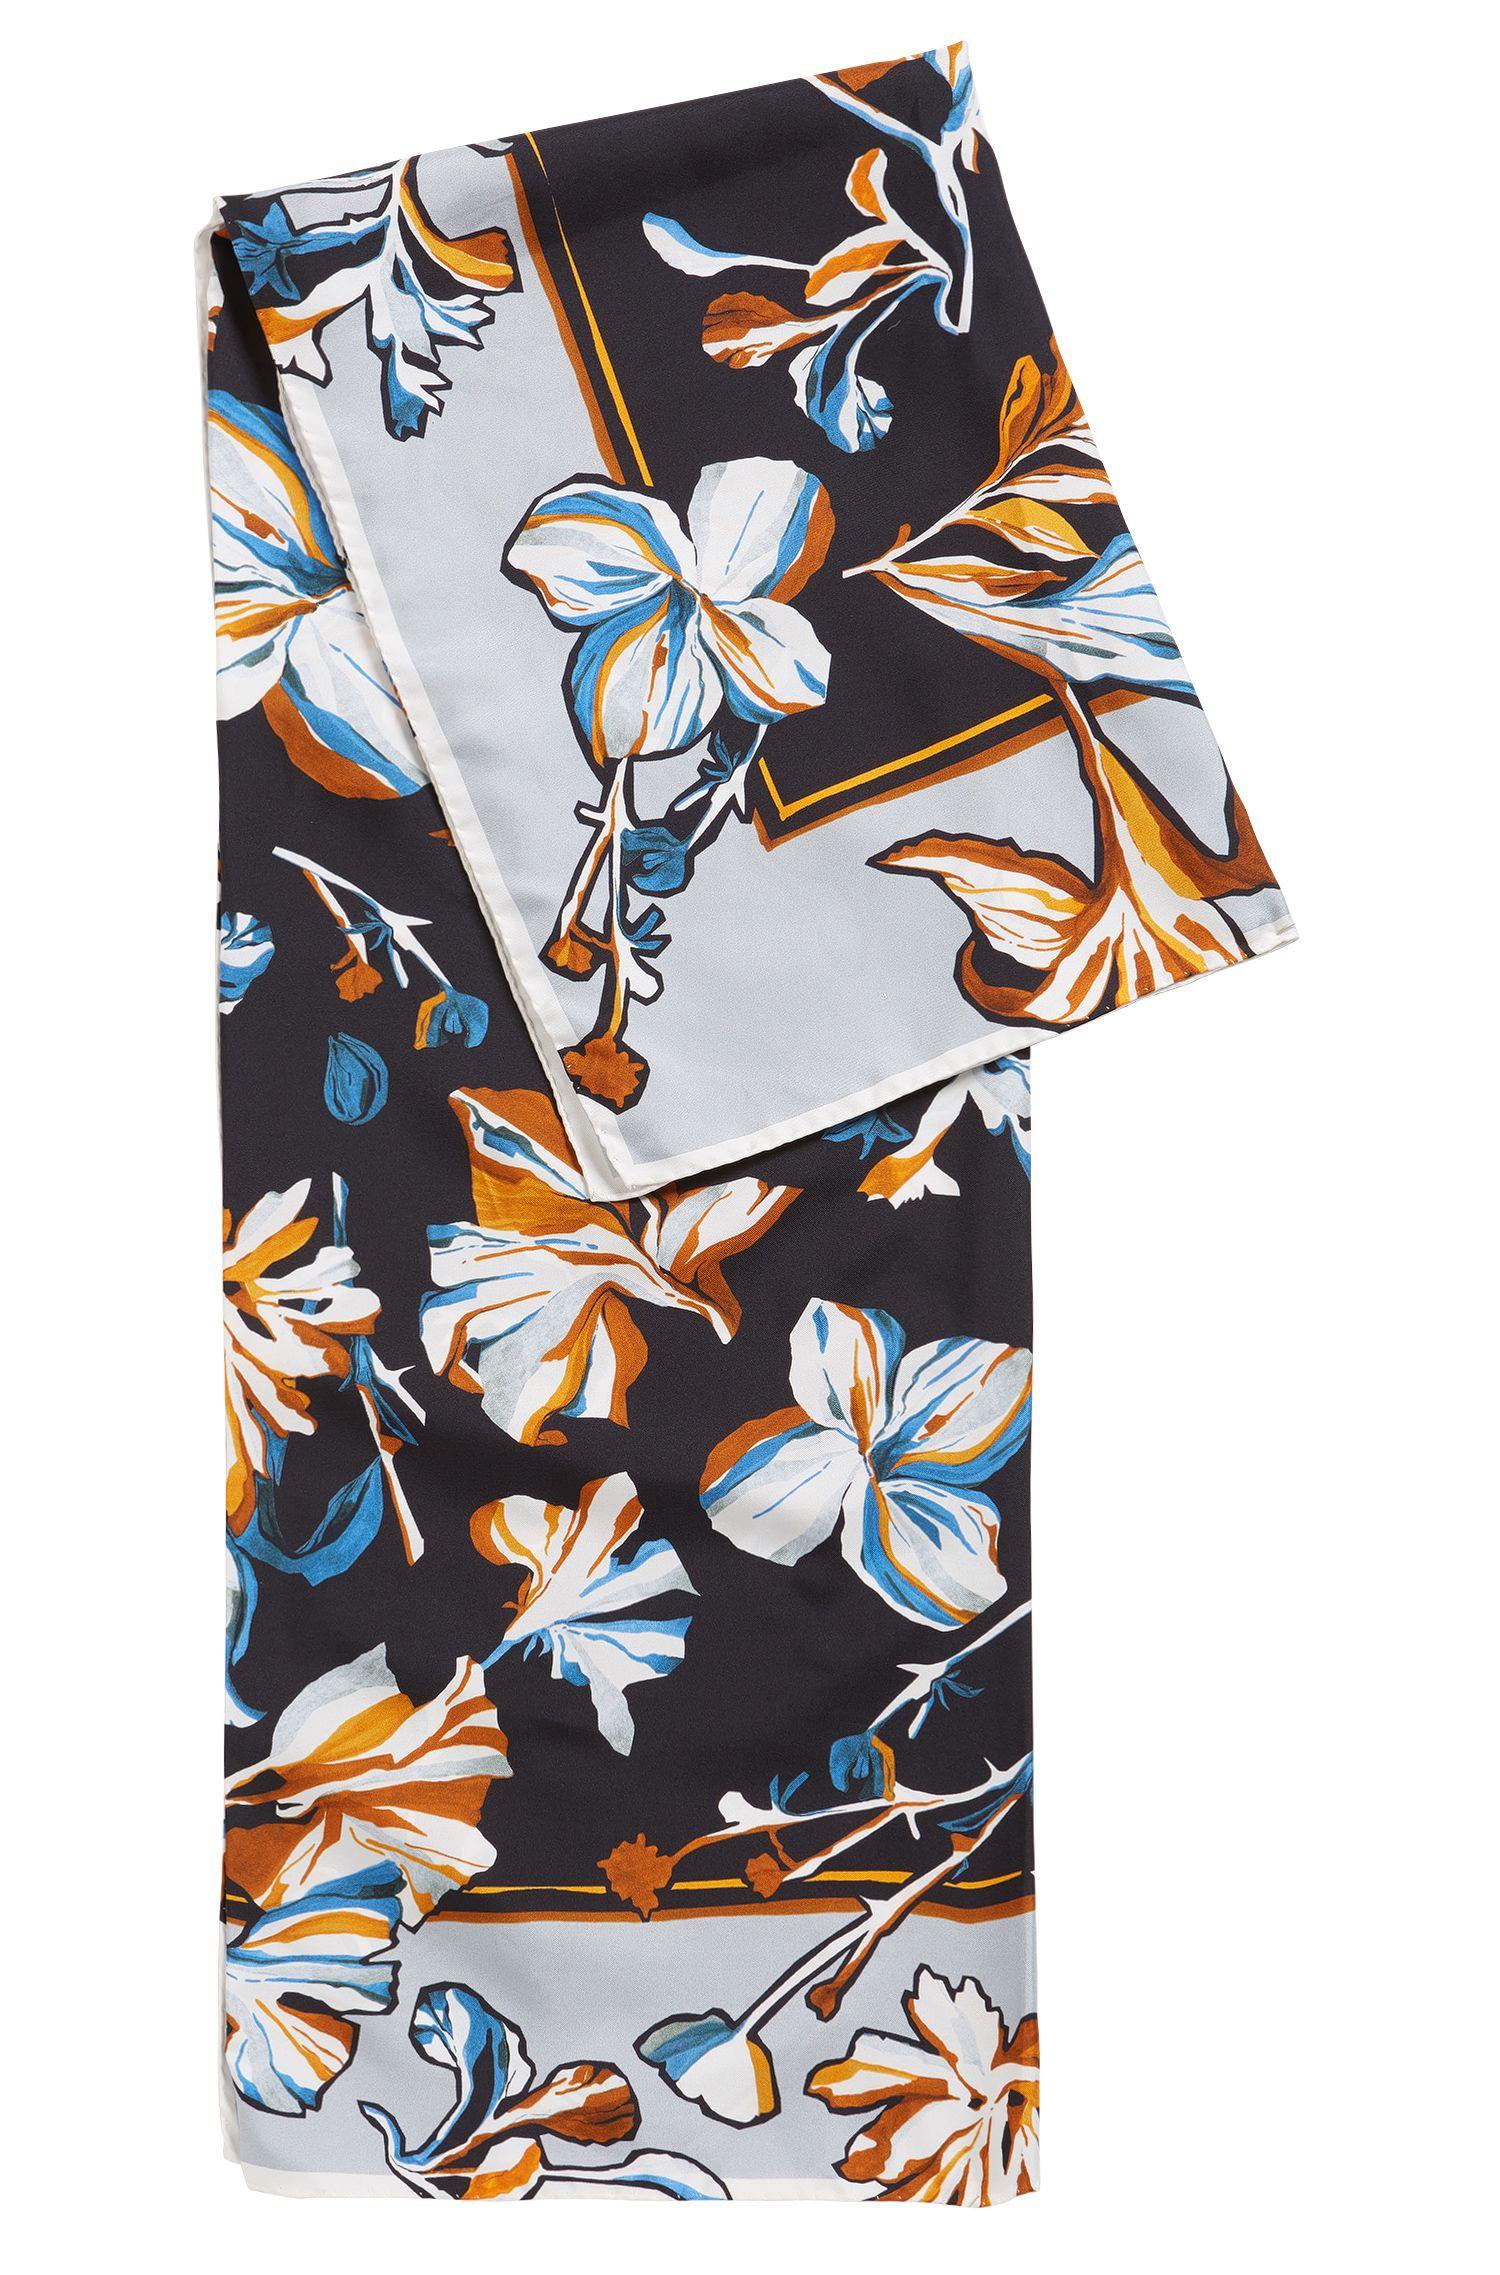 Sciarpa in seta con fiori dipinti a mano